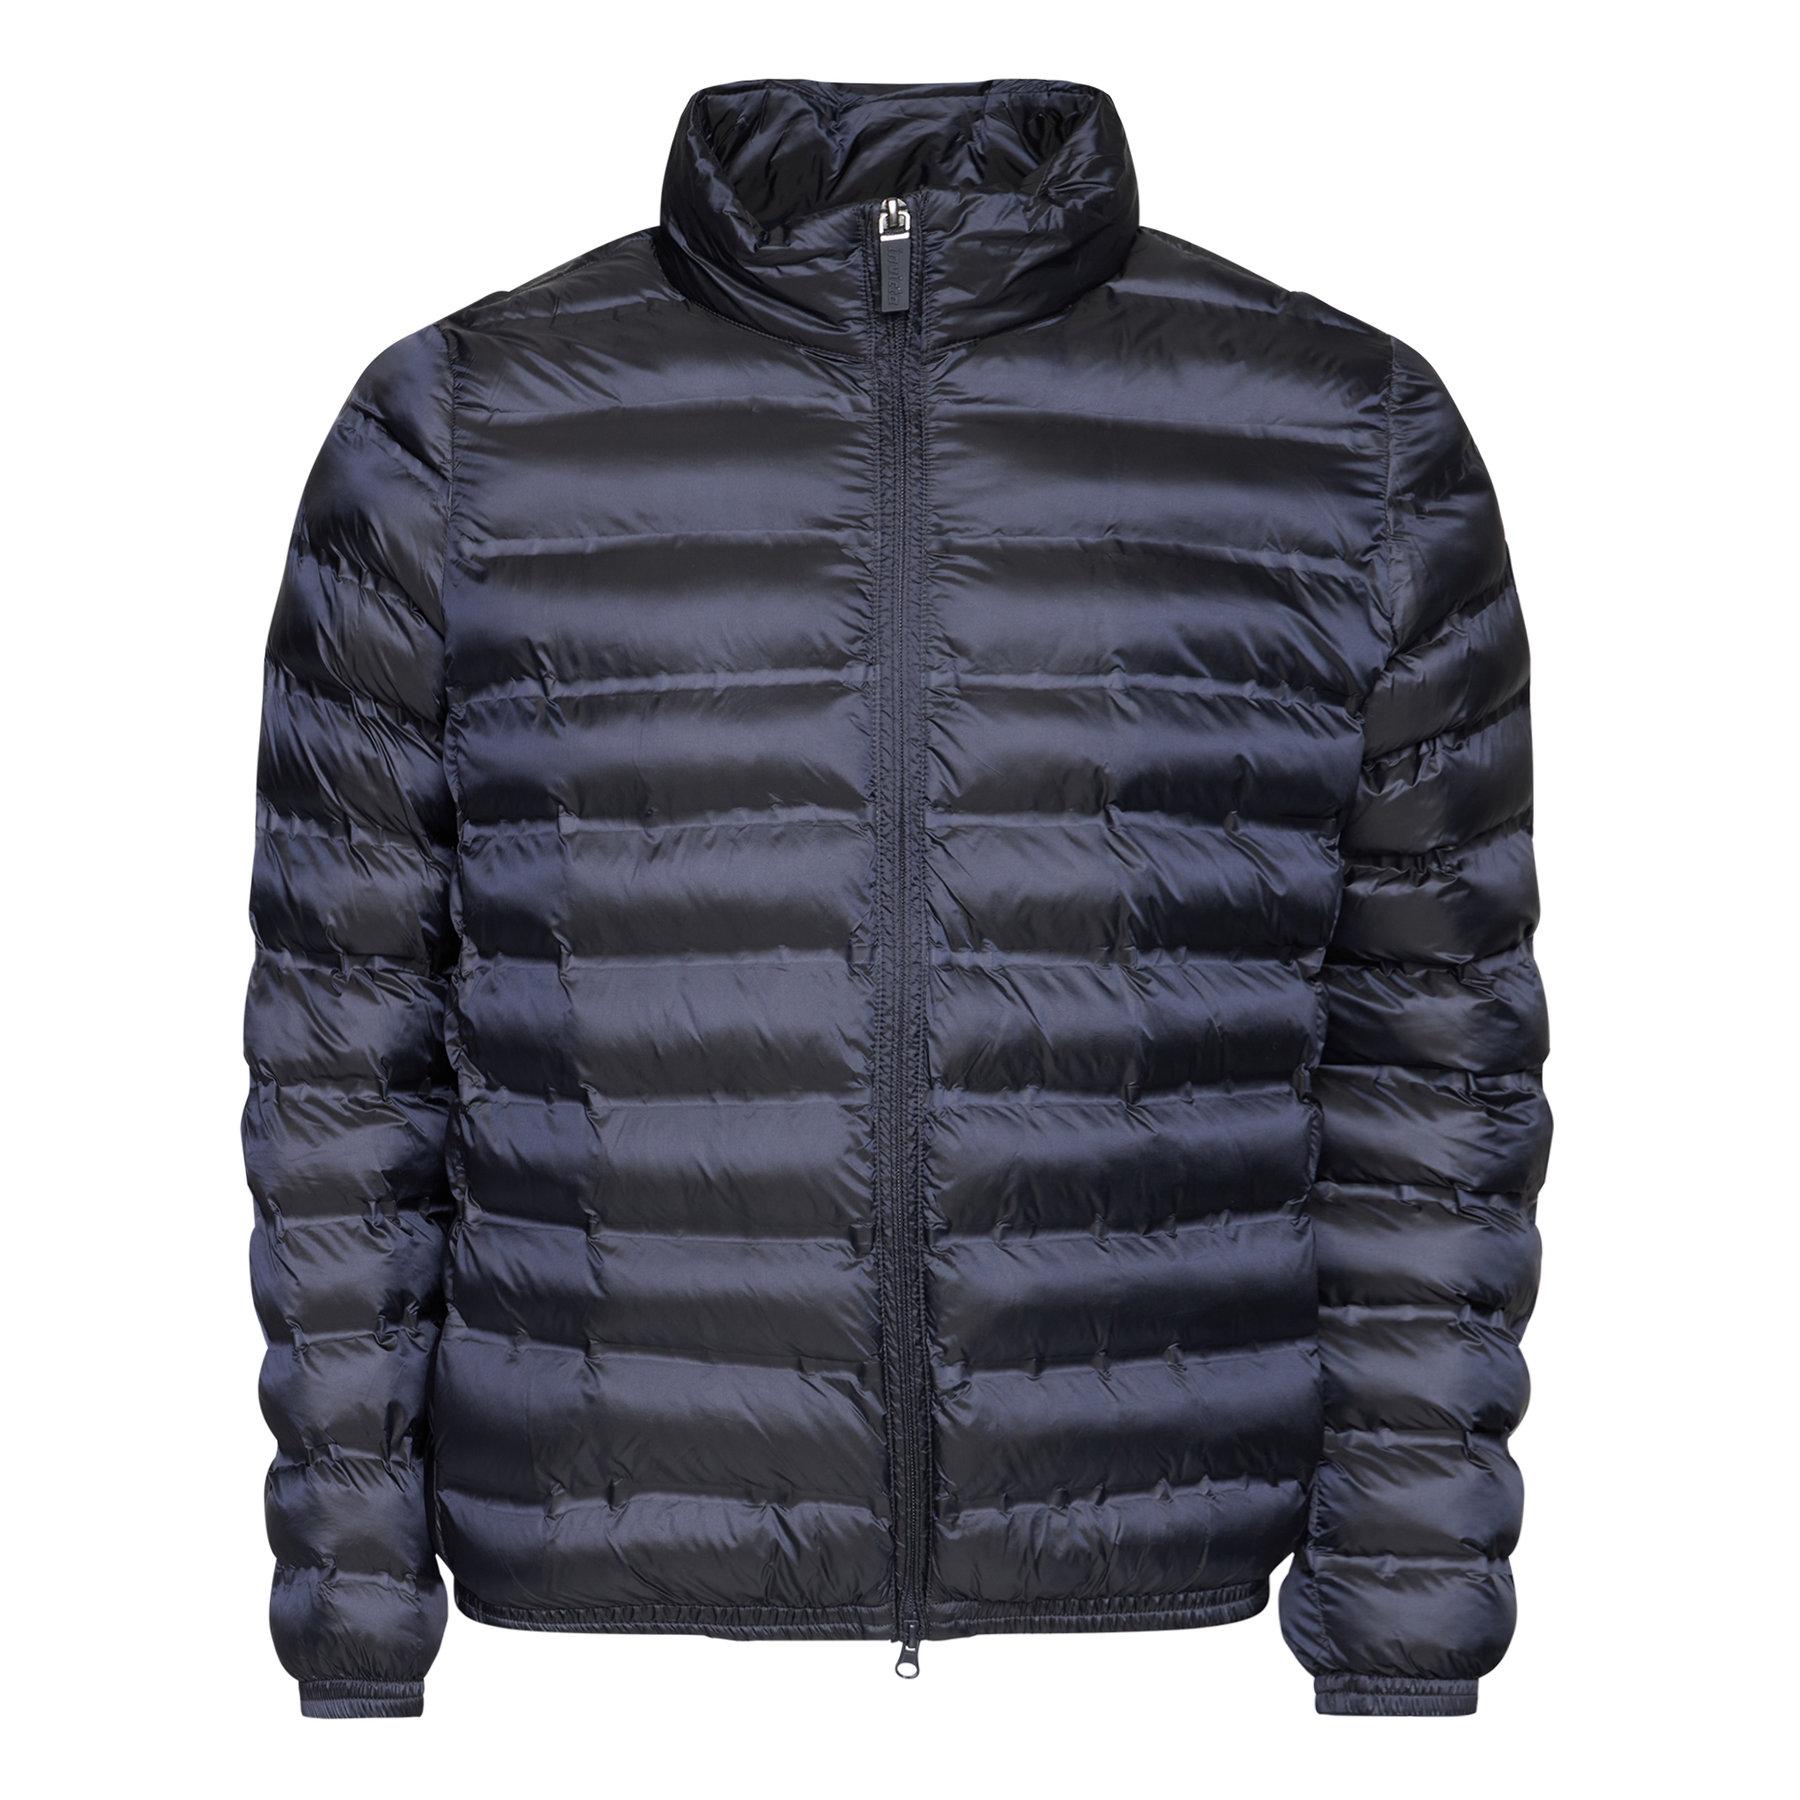 Invicta   Down jacket    4431700/U733